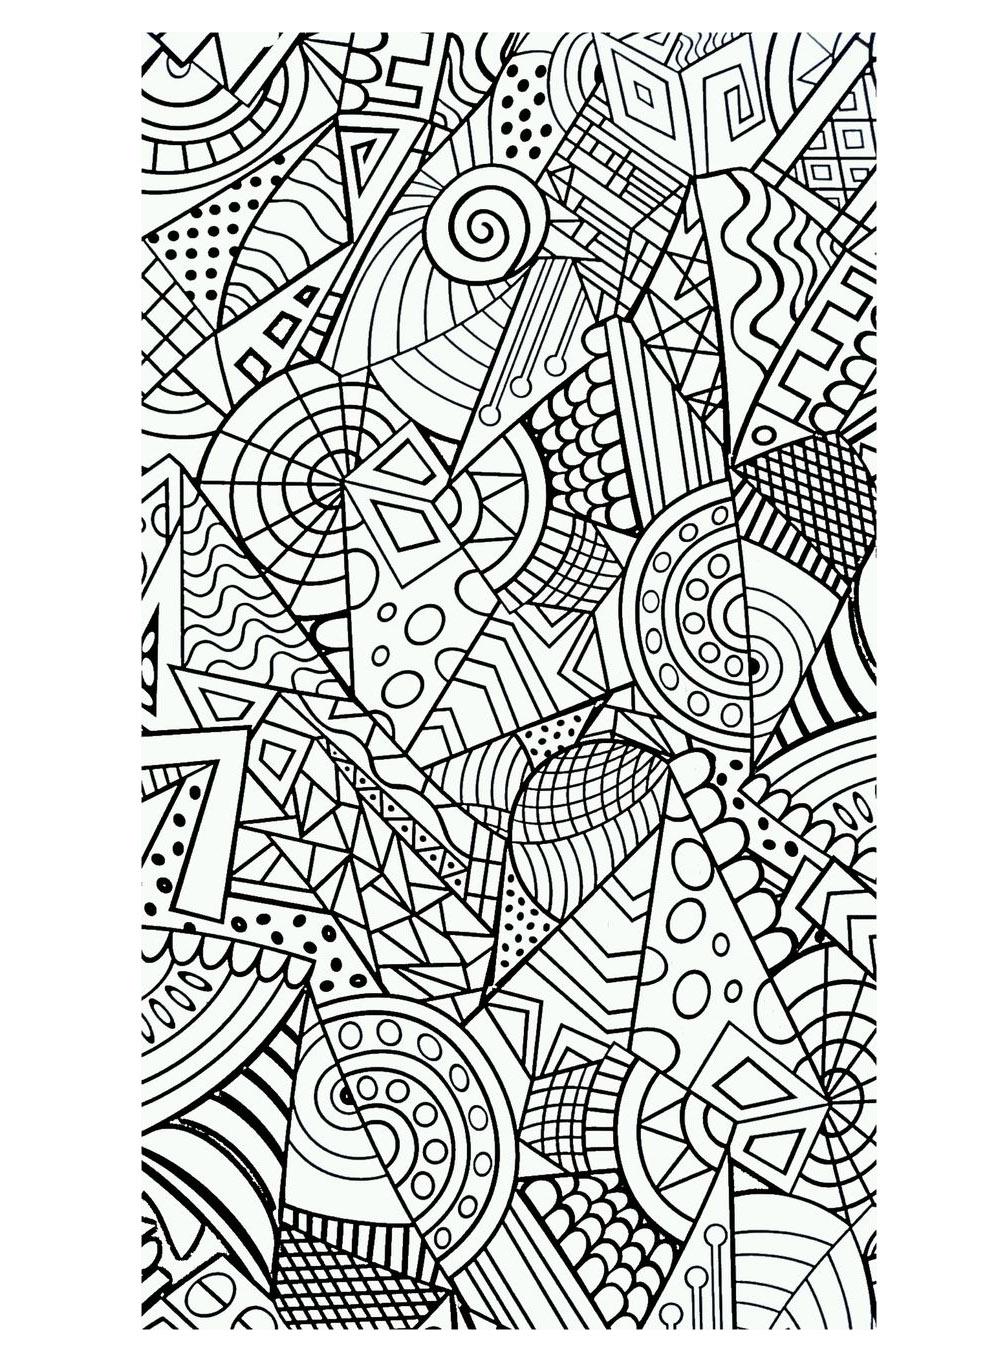 Colorear para adultos : Anti-stress / Zen - 27